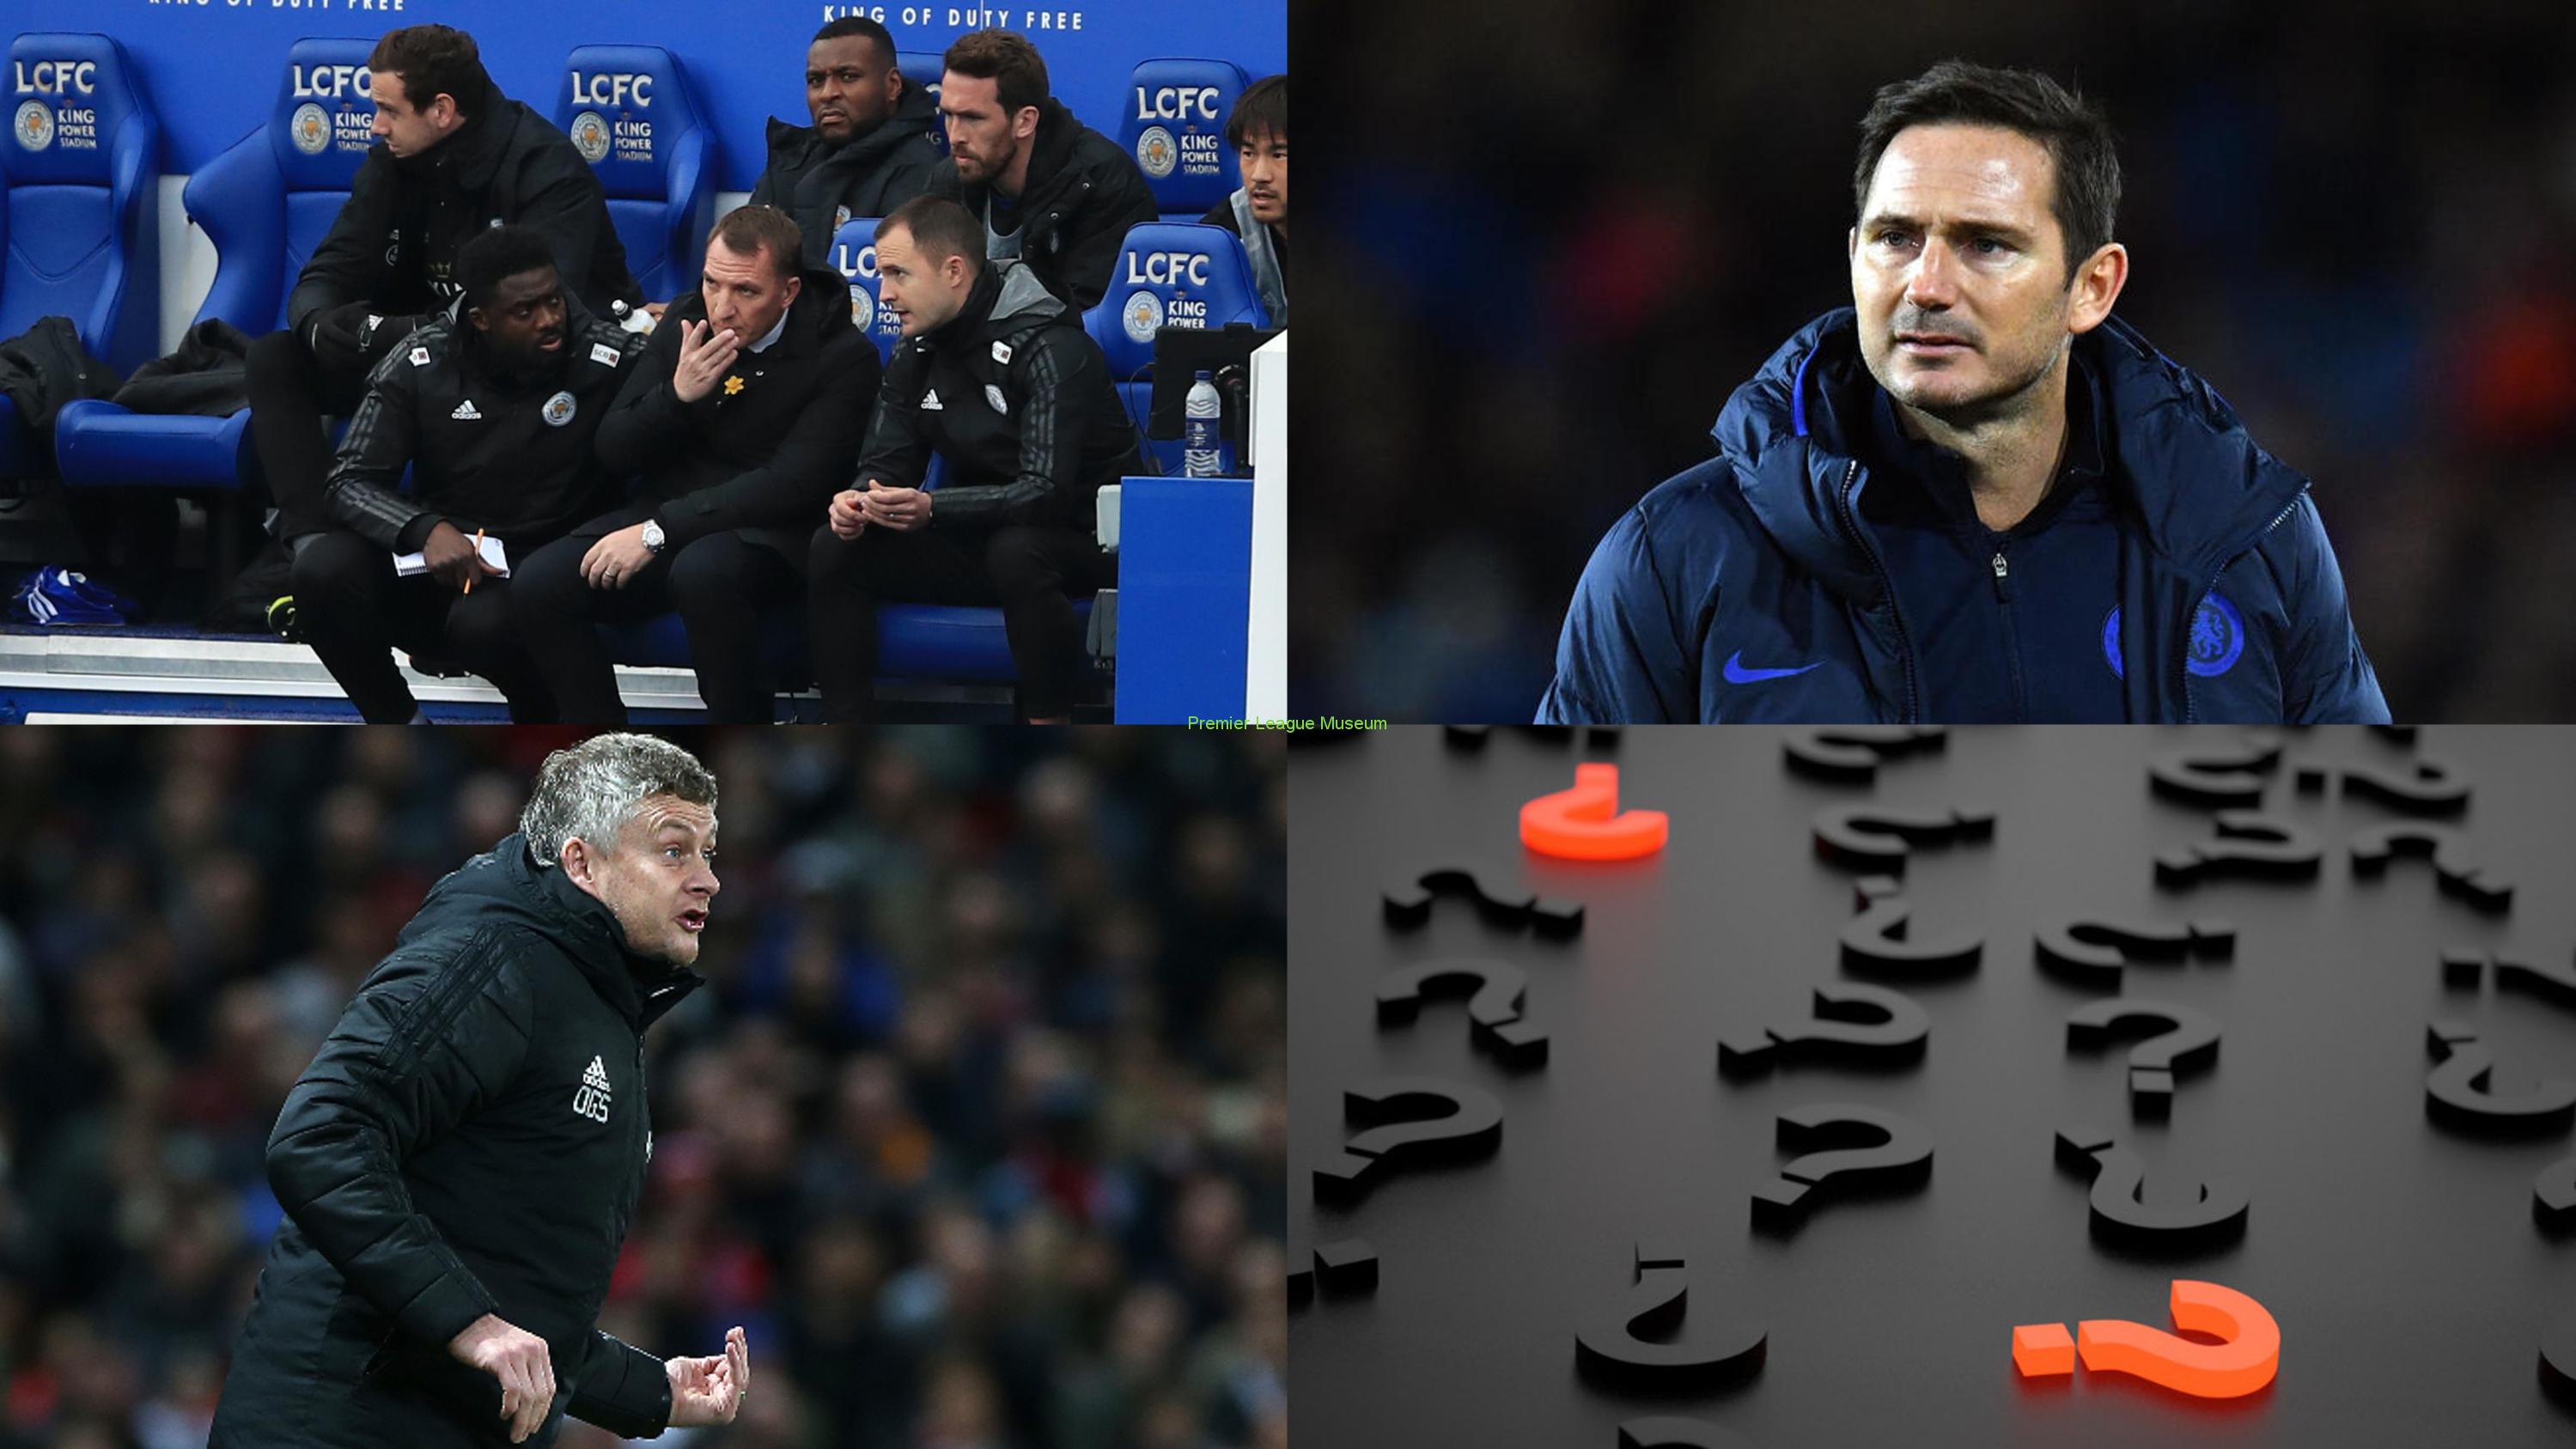 2019/2020 Champions League Spots